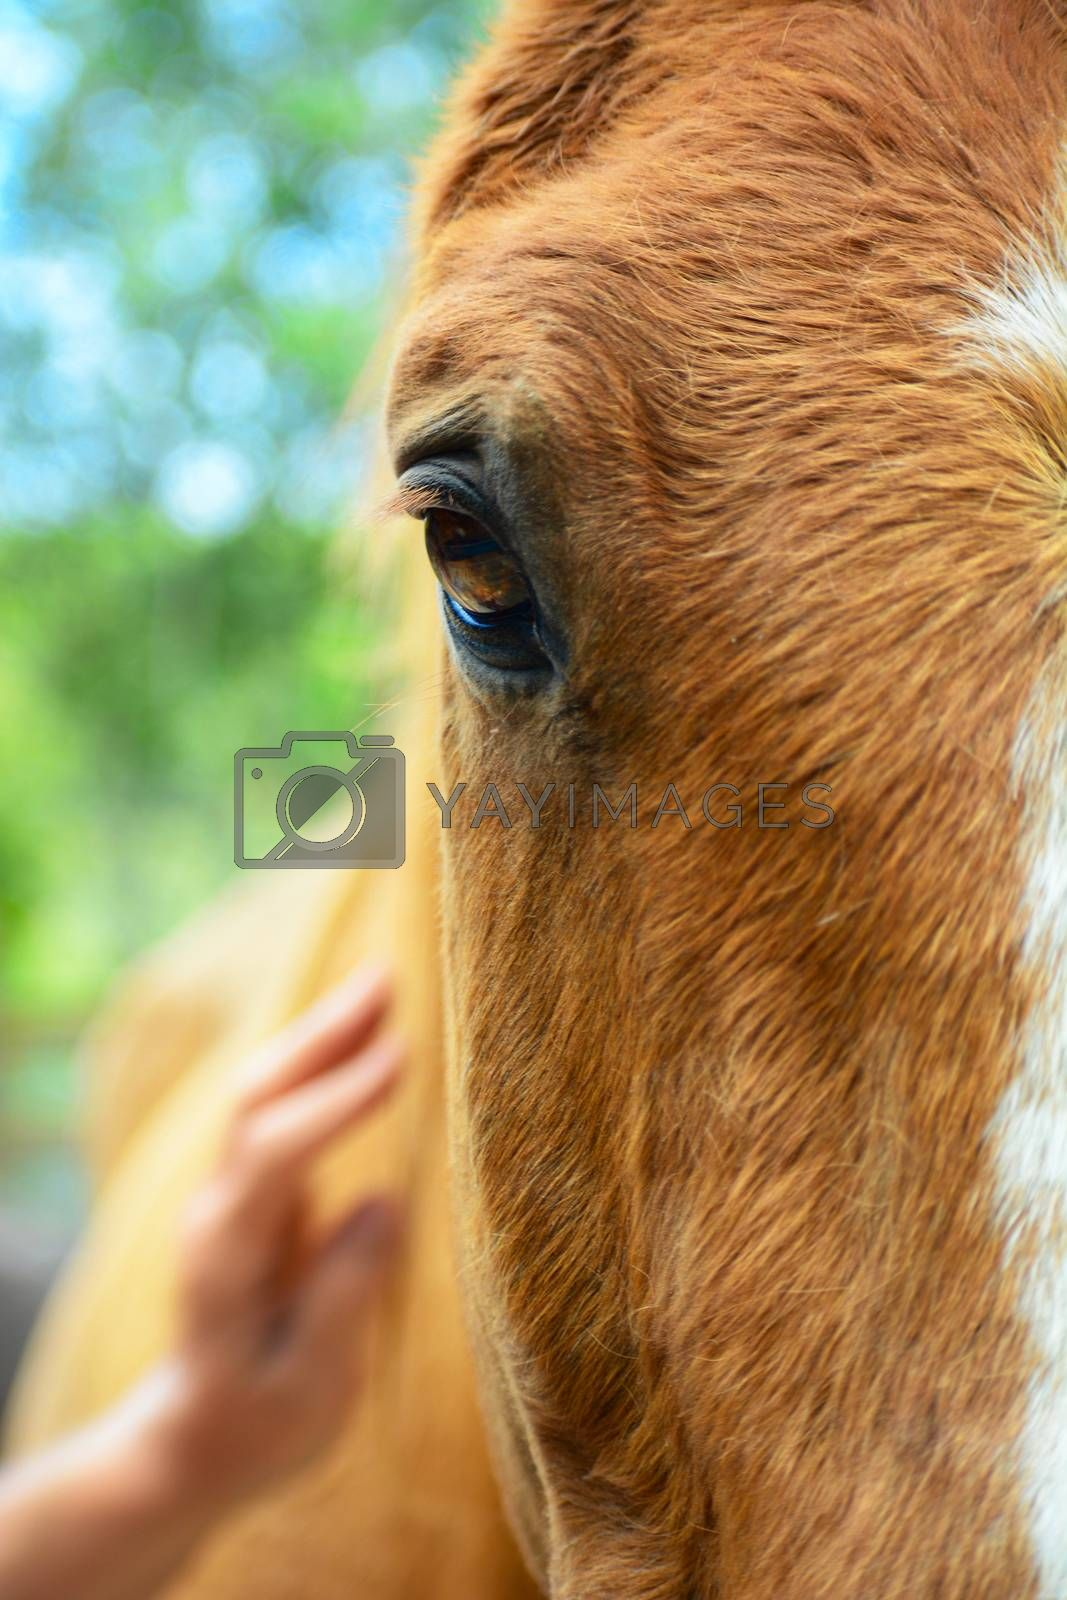 Portrait of a horse, close-up.